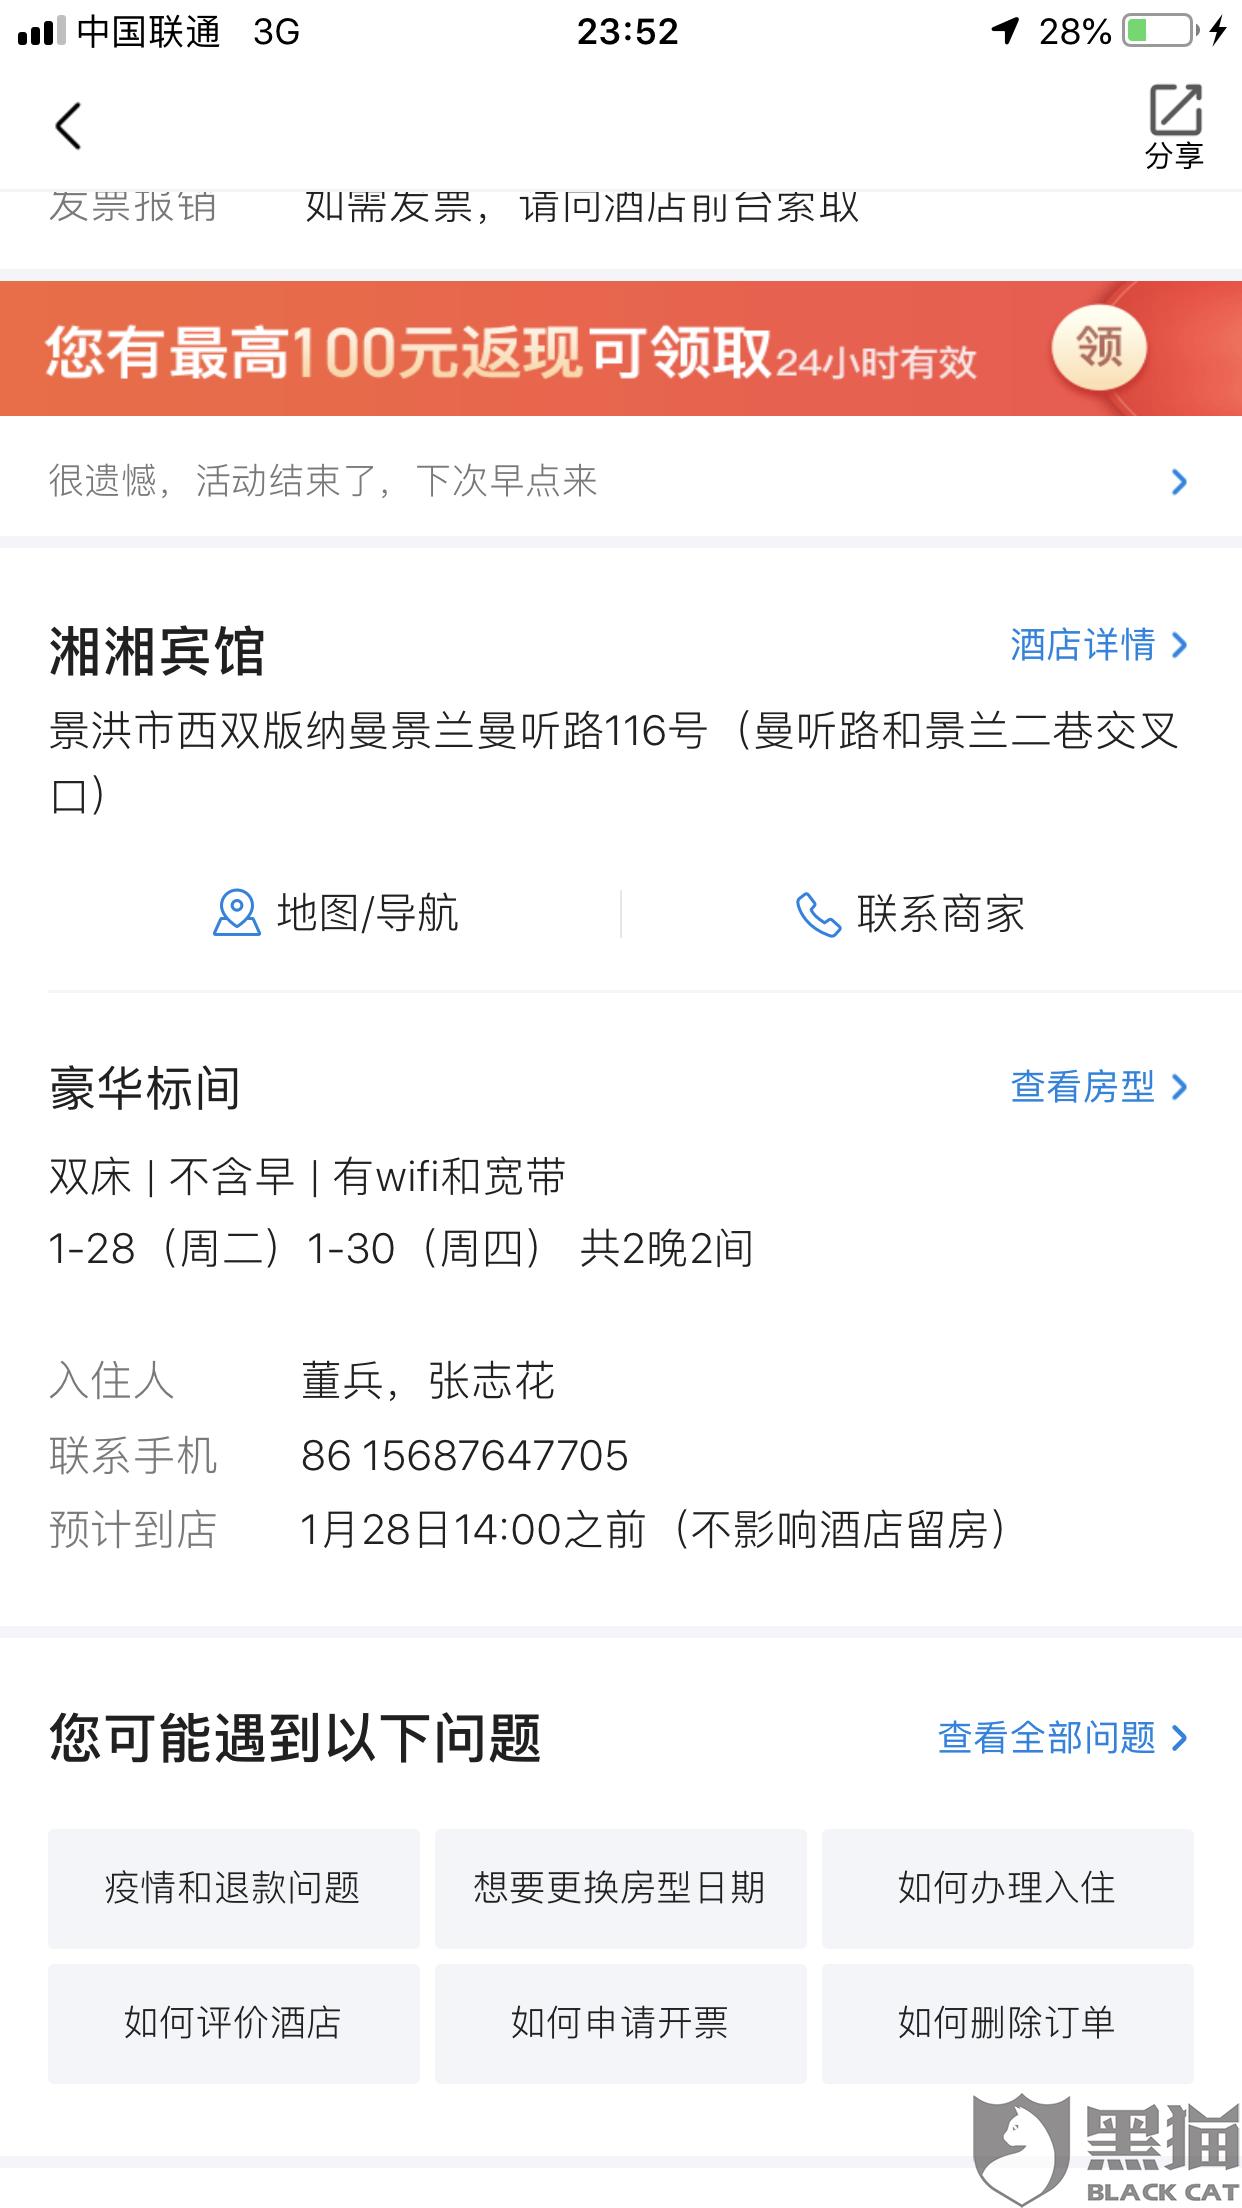 黑猫投诉:美团,新冠状病毒疫情退款:景洪市湘湘宾馆,超时未退款未解决